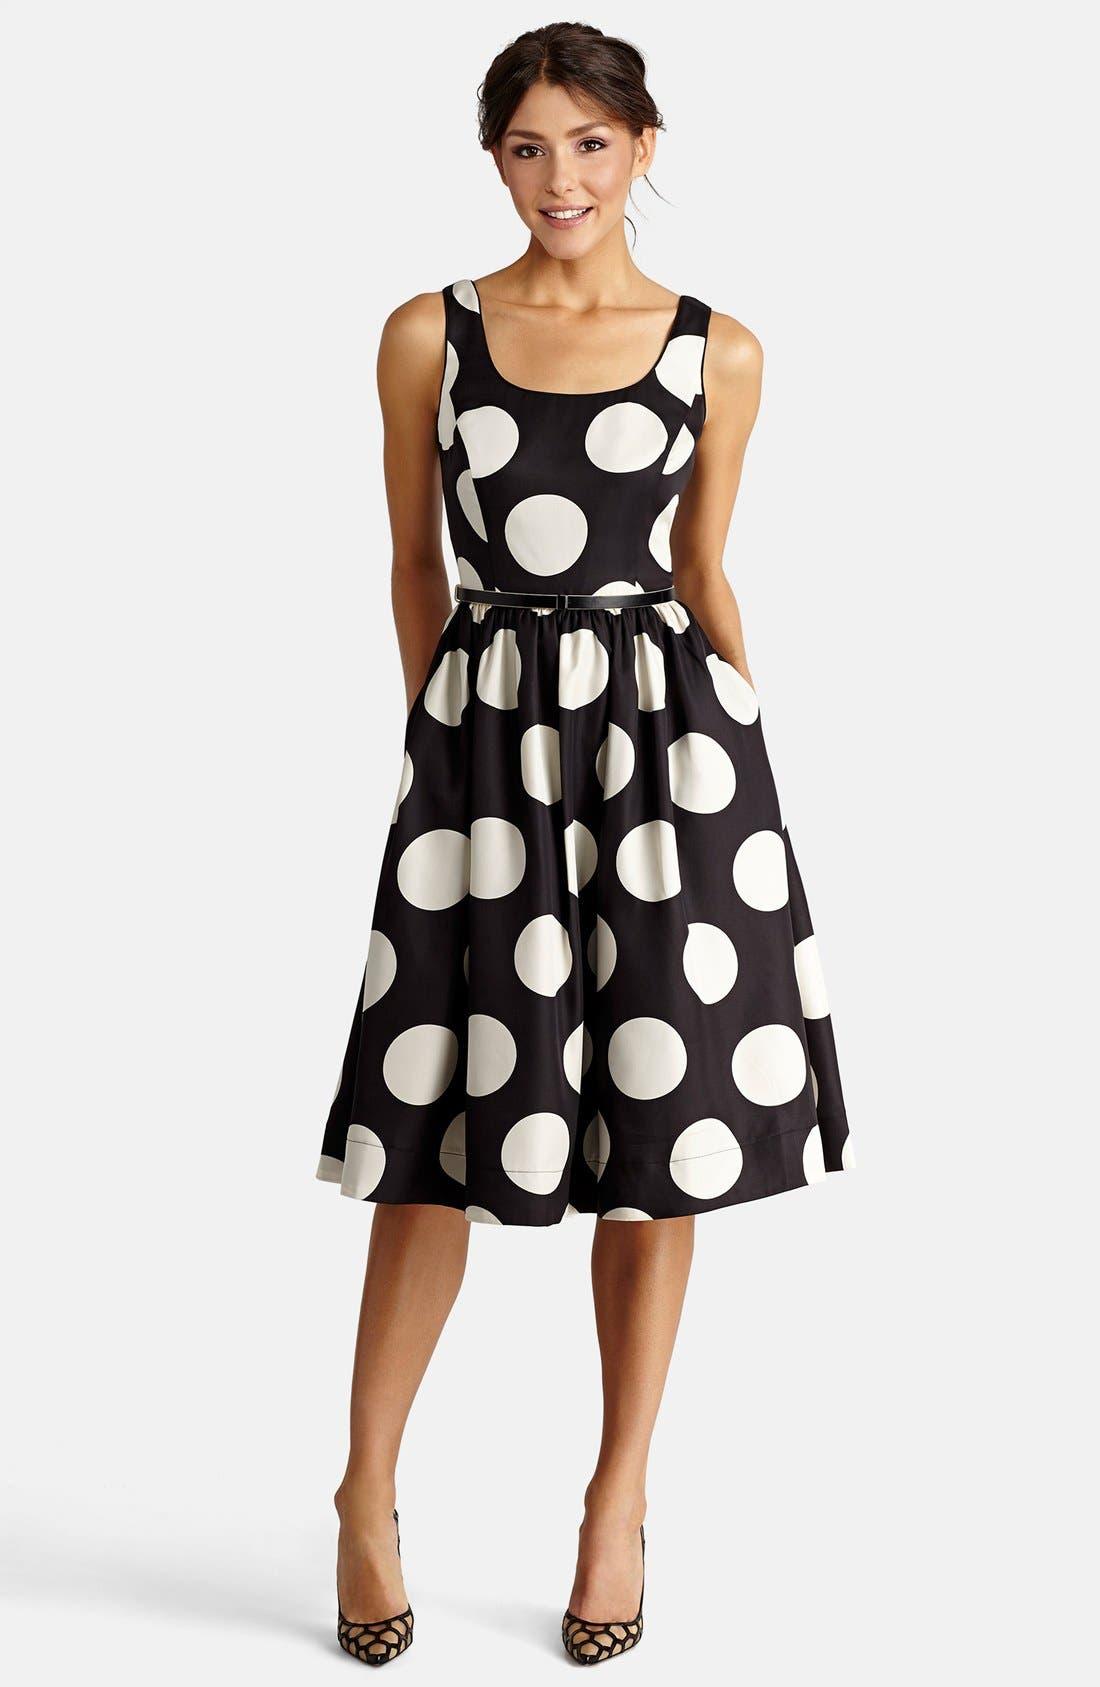 DONNA MORGAN, Polka Dot Fit & Flare Midi Dress, Main thumbnail 1, color, 009